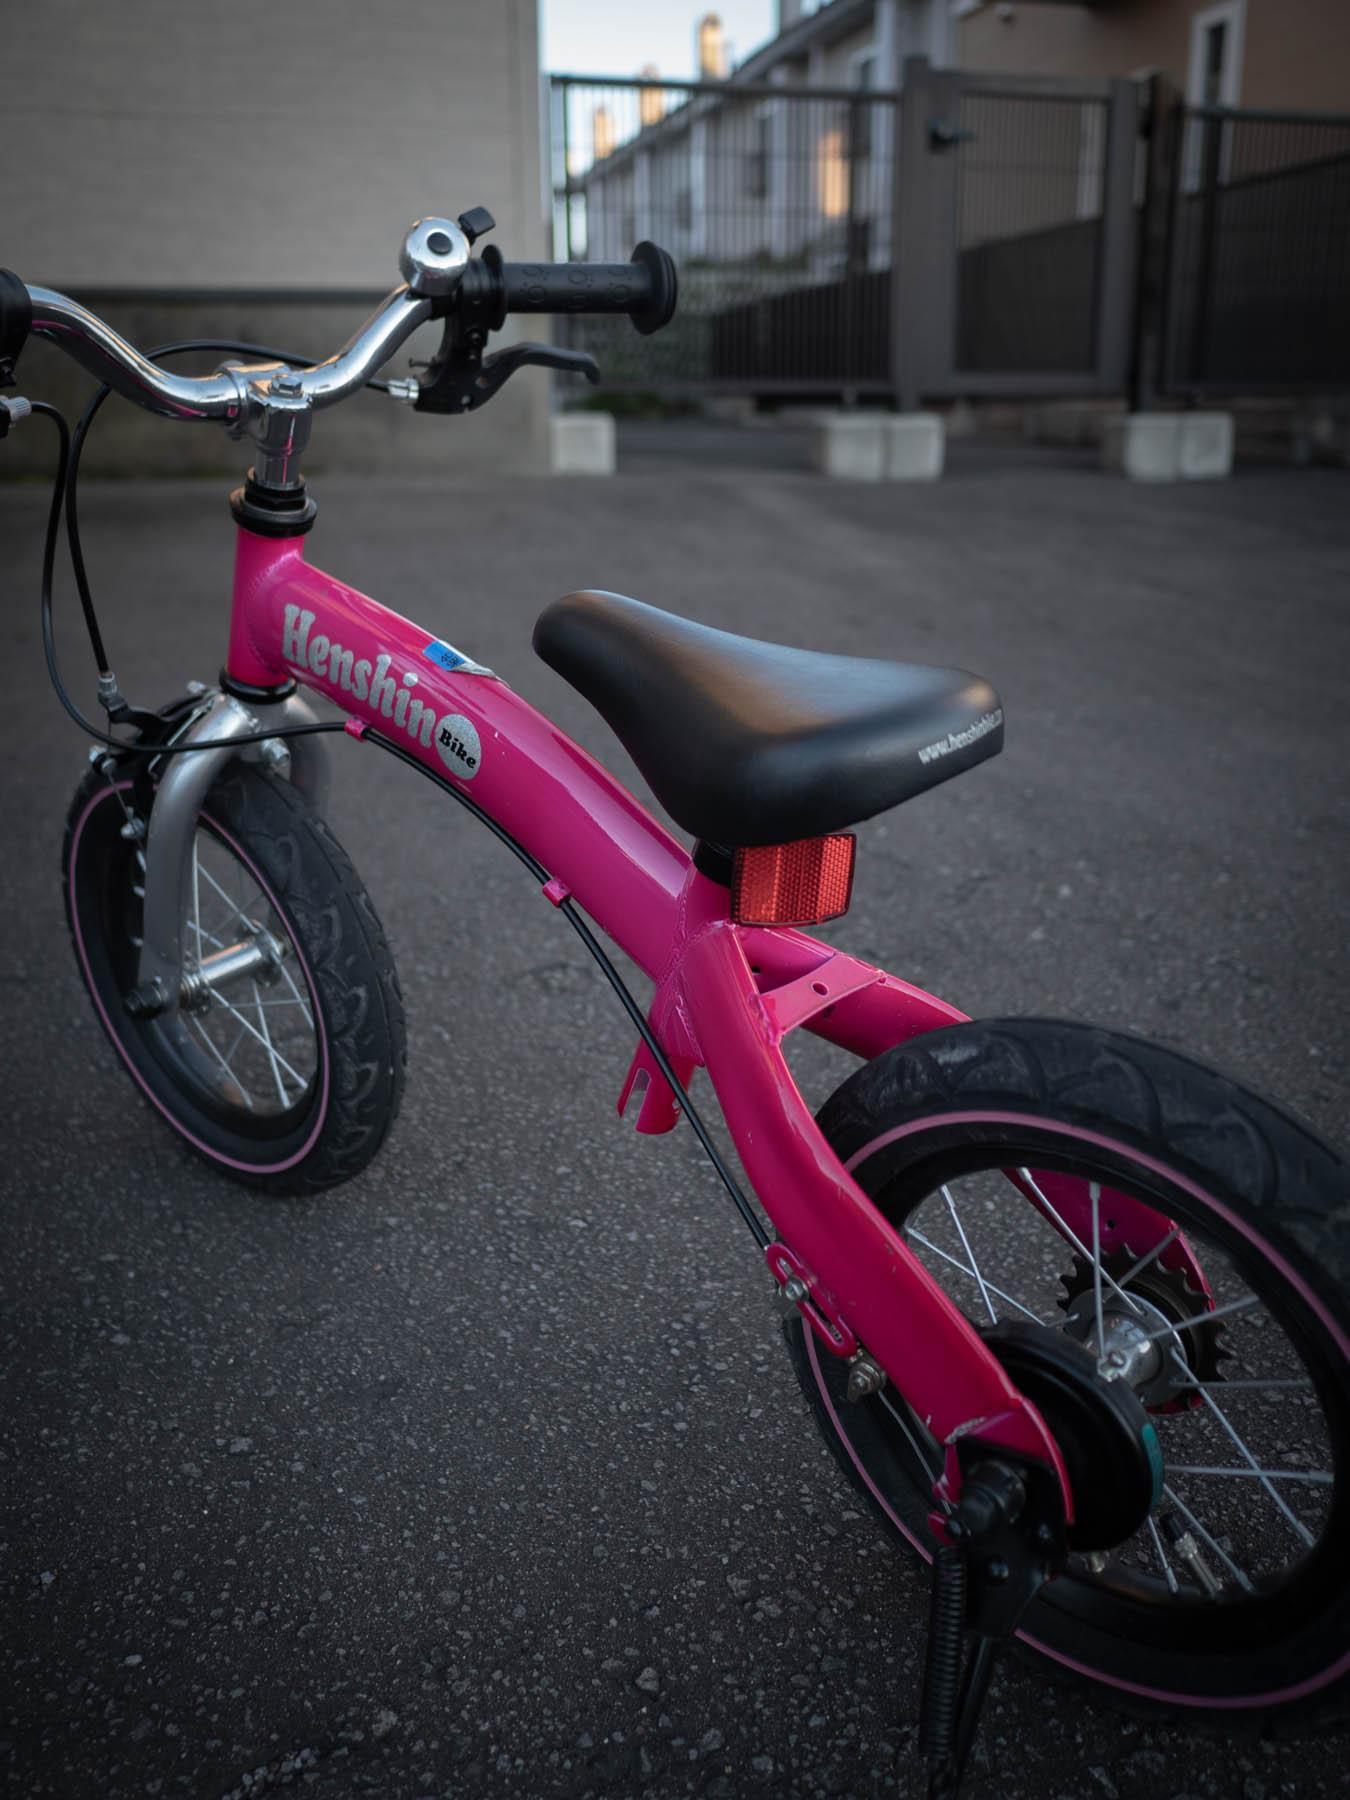 夕暮れ時、玄関先に置きっぱなしのローズピンクの自転車